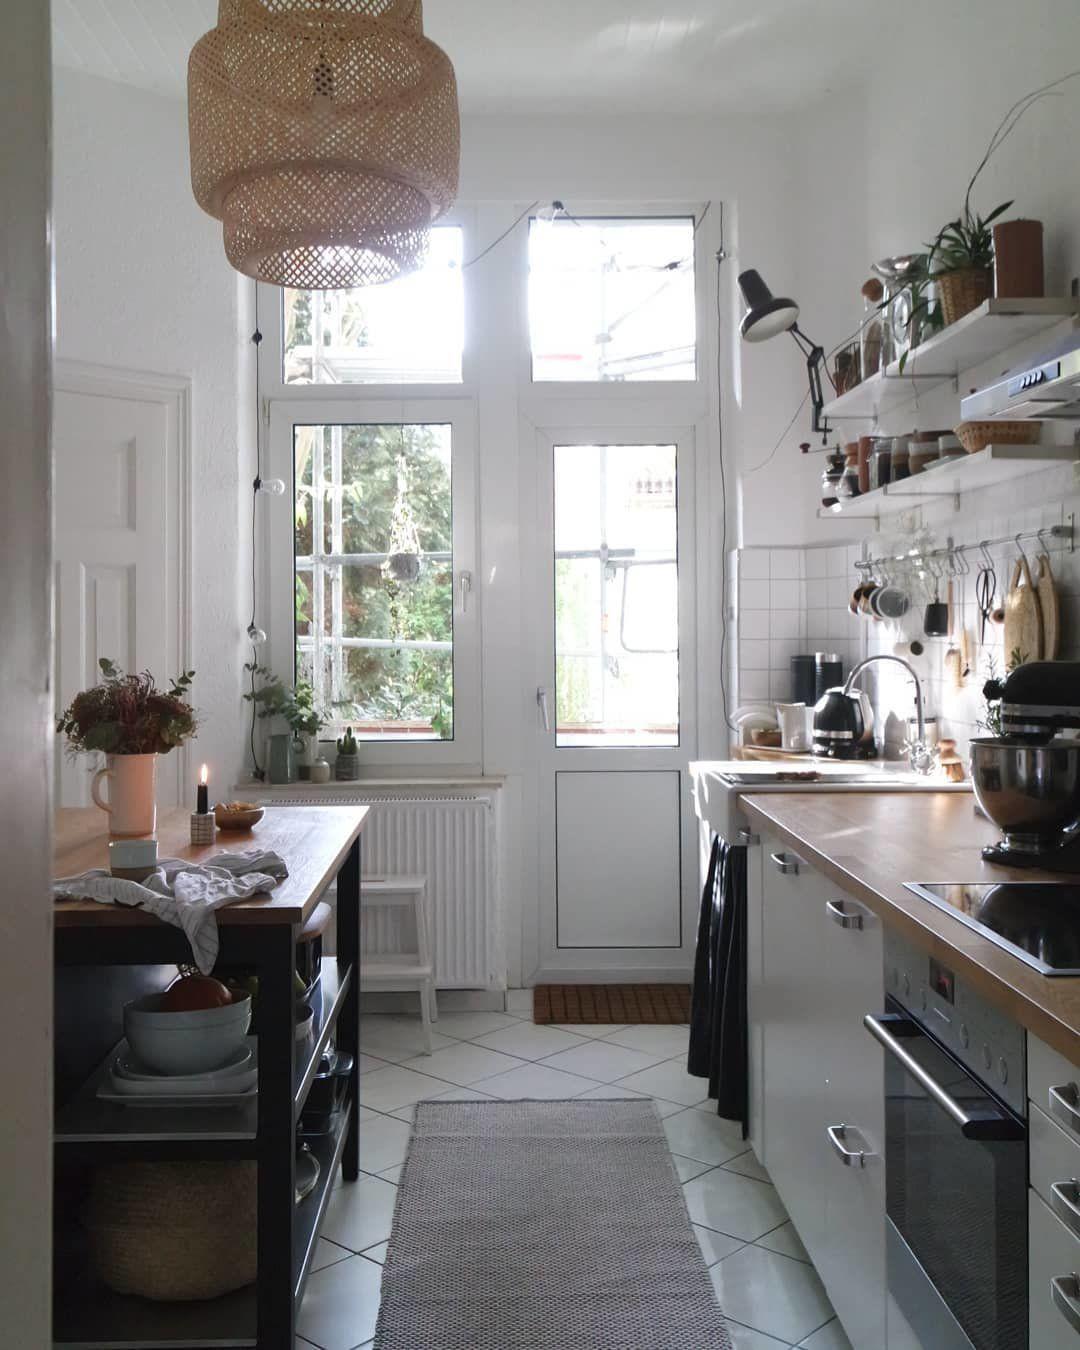 die schönsten küchen ideen - seite 81